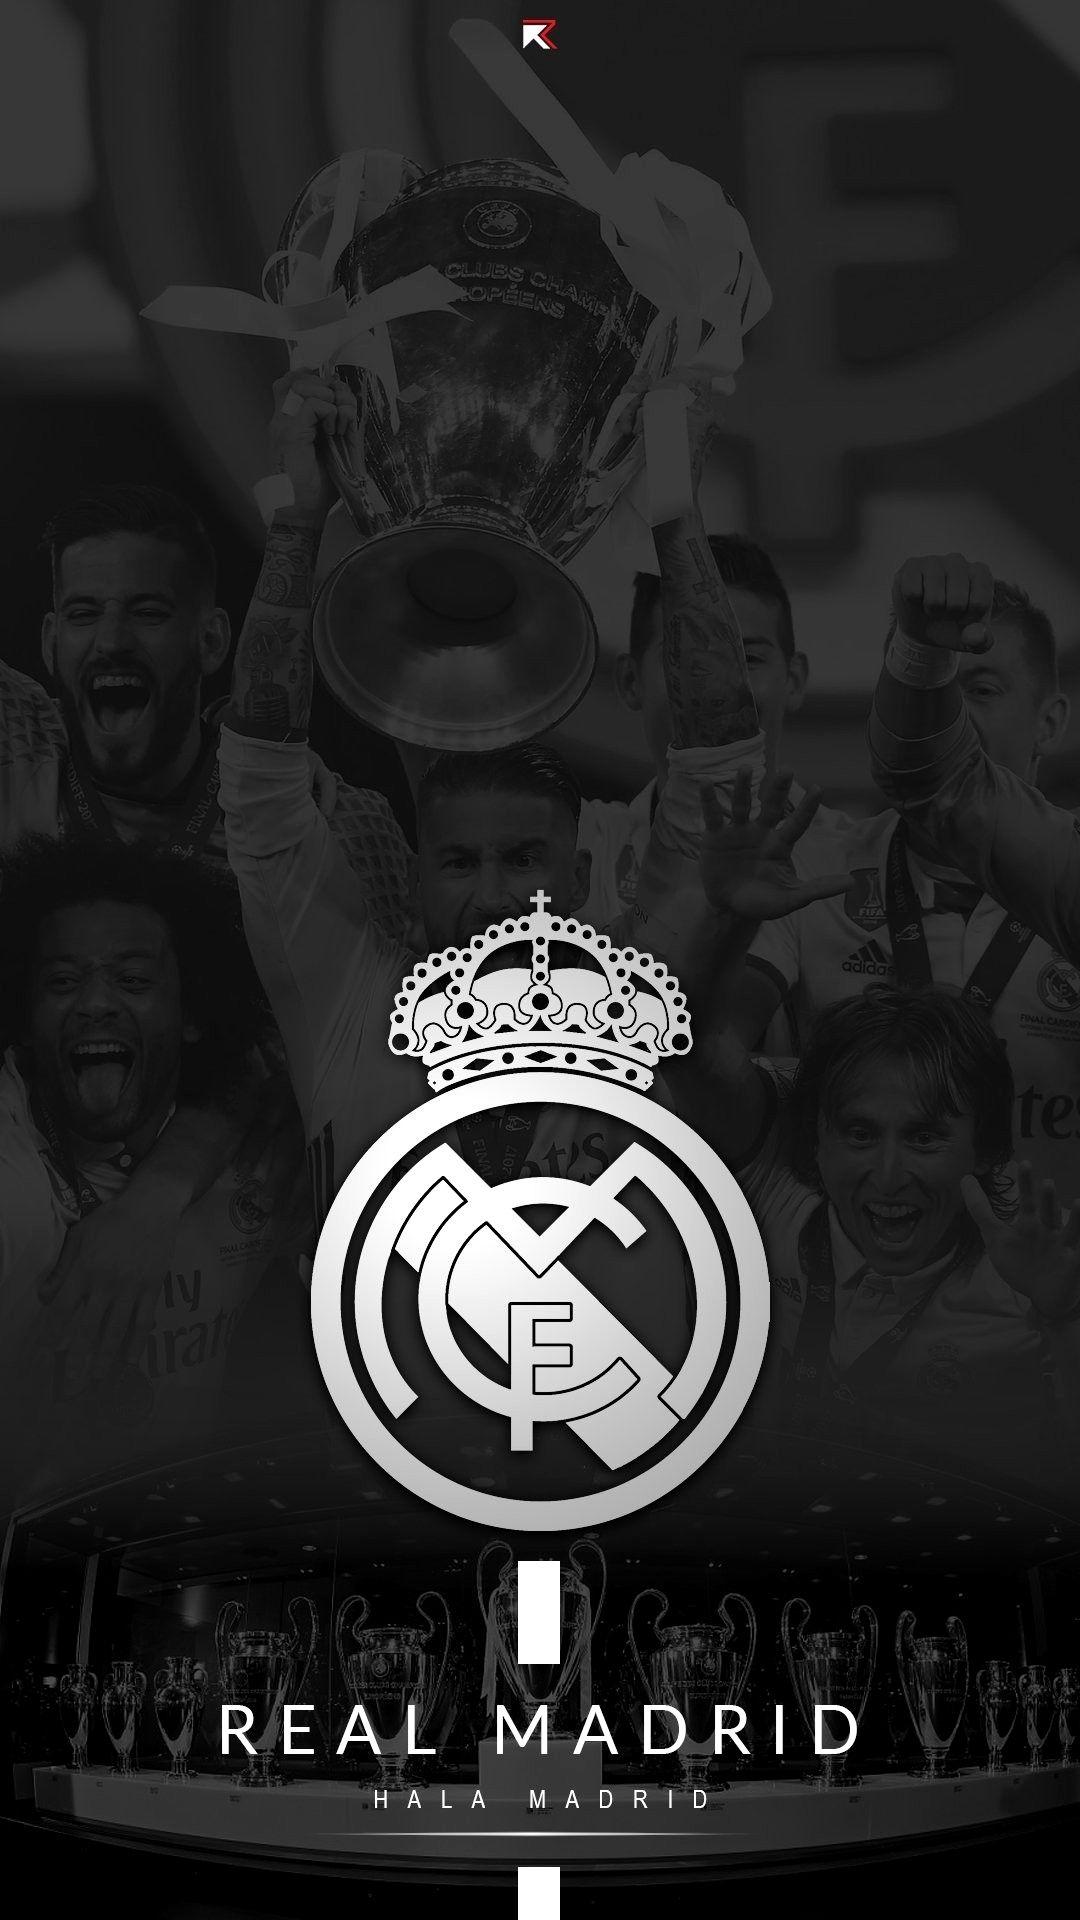 Real Madrid Wallpaper 4k Iphone Trick Bambang Pamungkas Bola Kaki Kertas Dinding